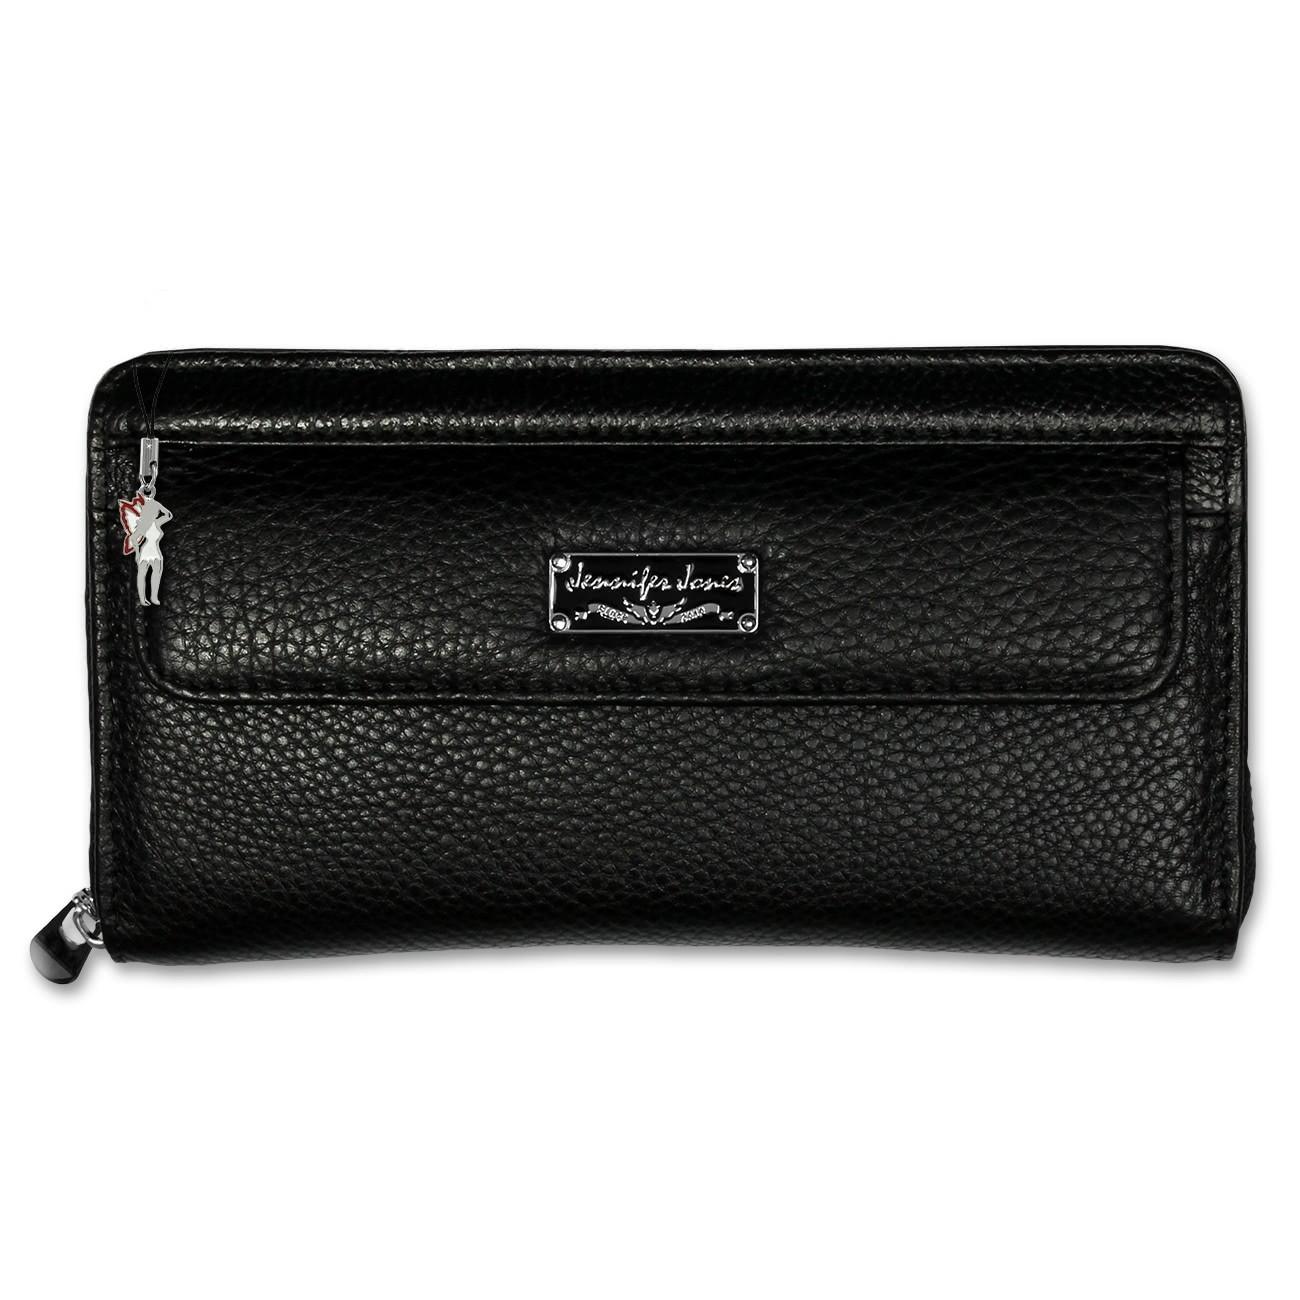 Geldbörse Wristlet Leder schwarz Damen Portemonnaie Jennifer Jones OTJ510S